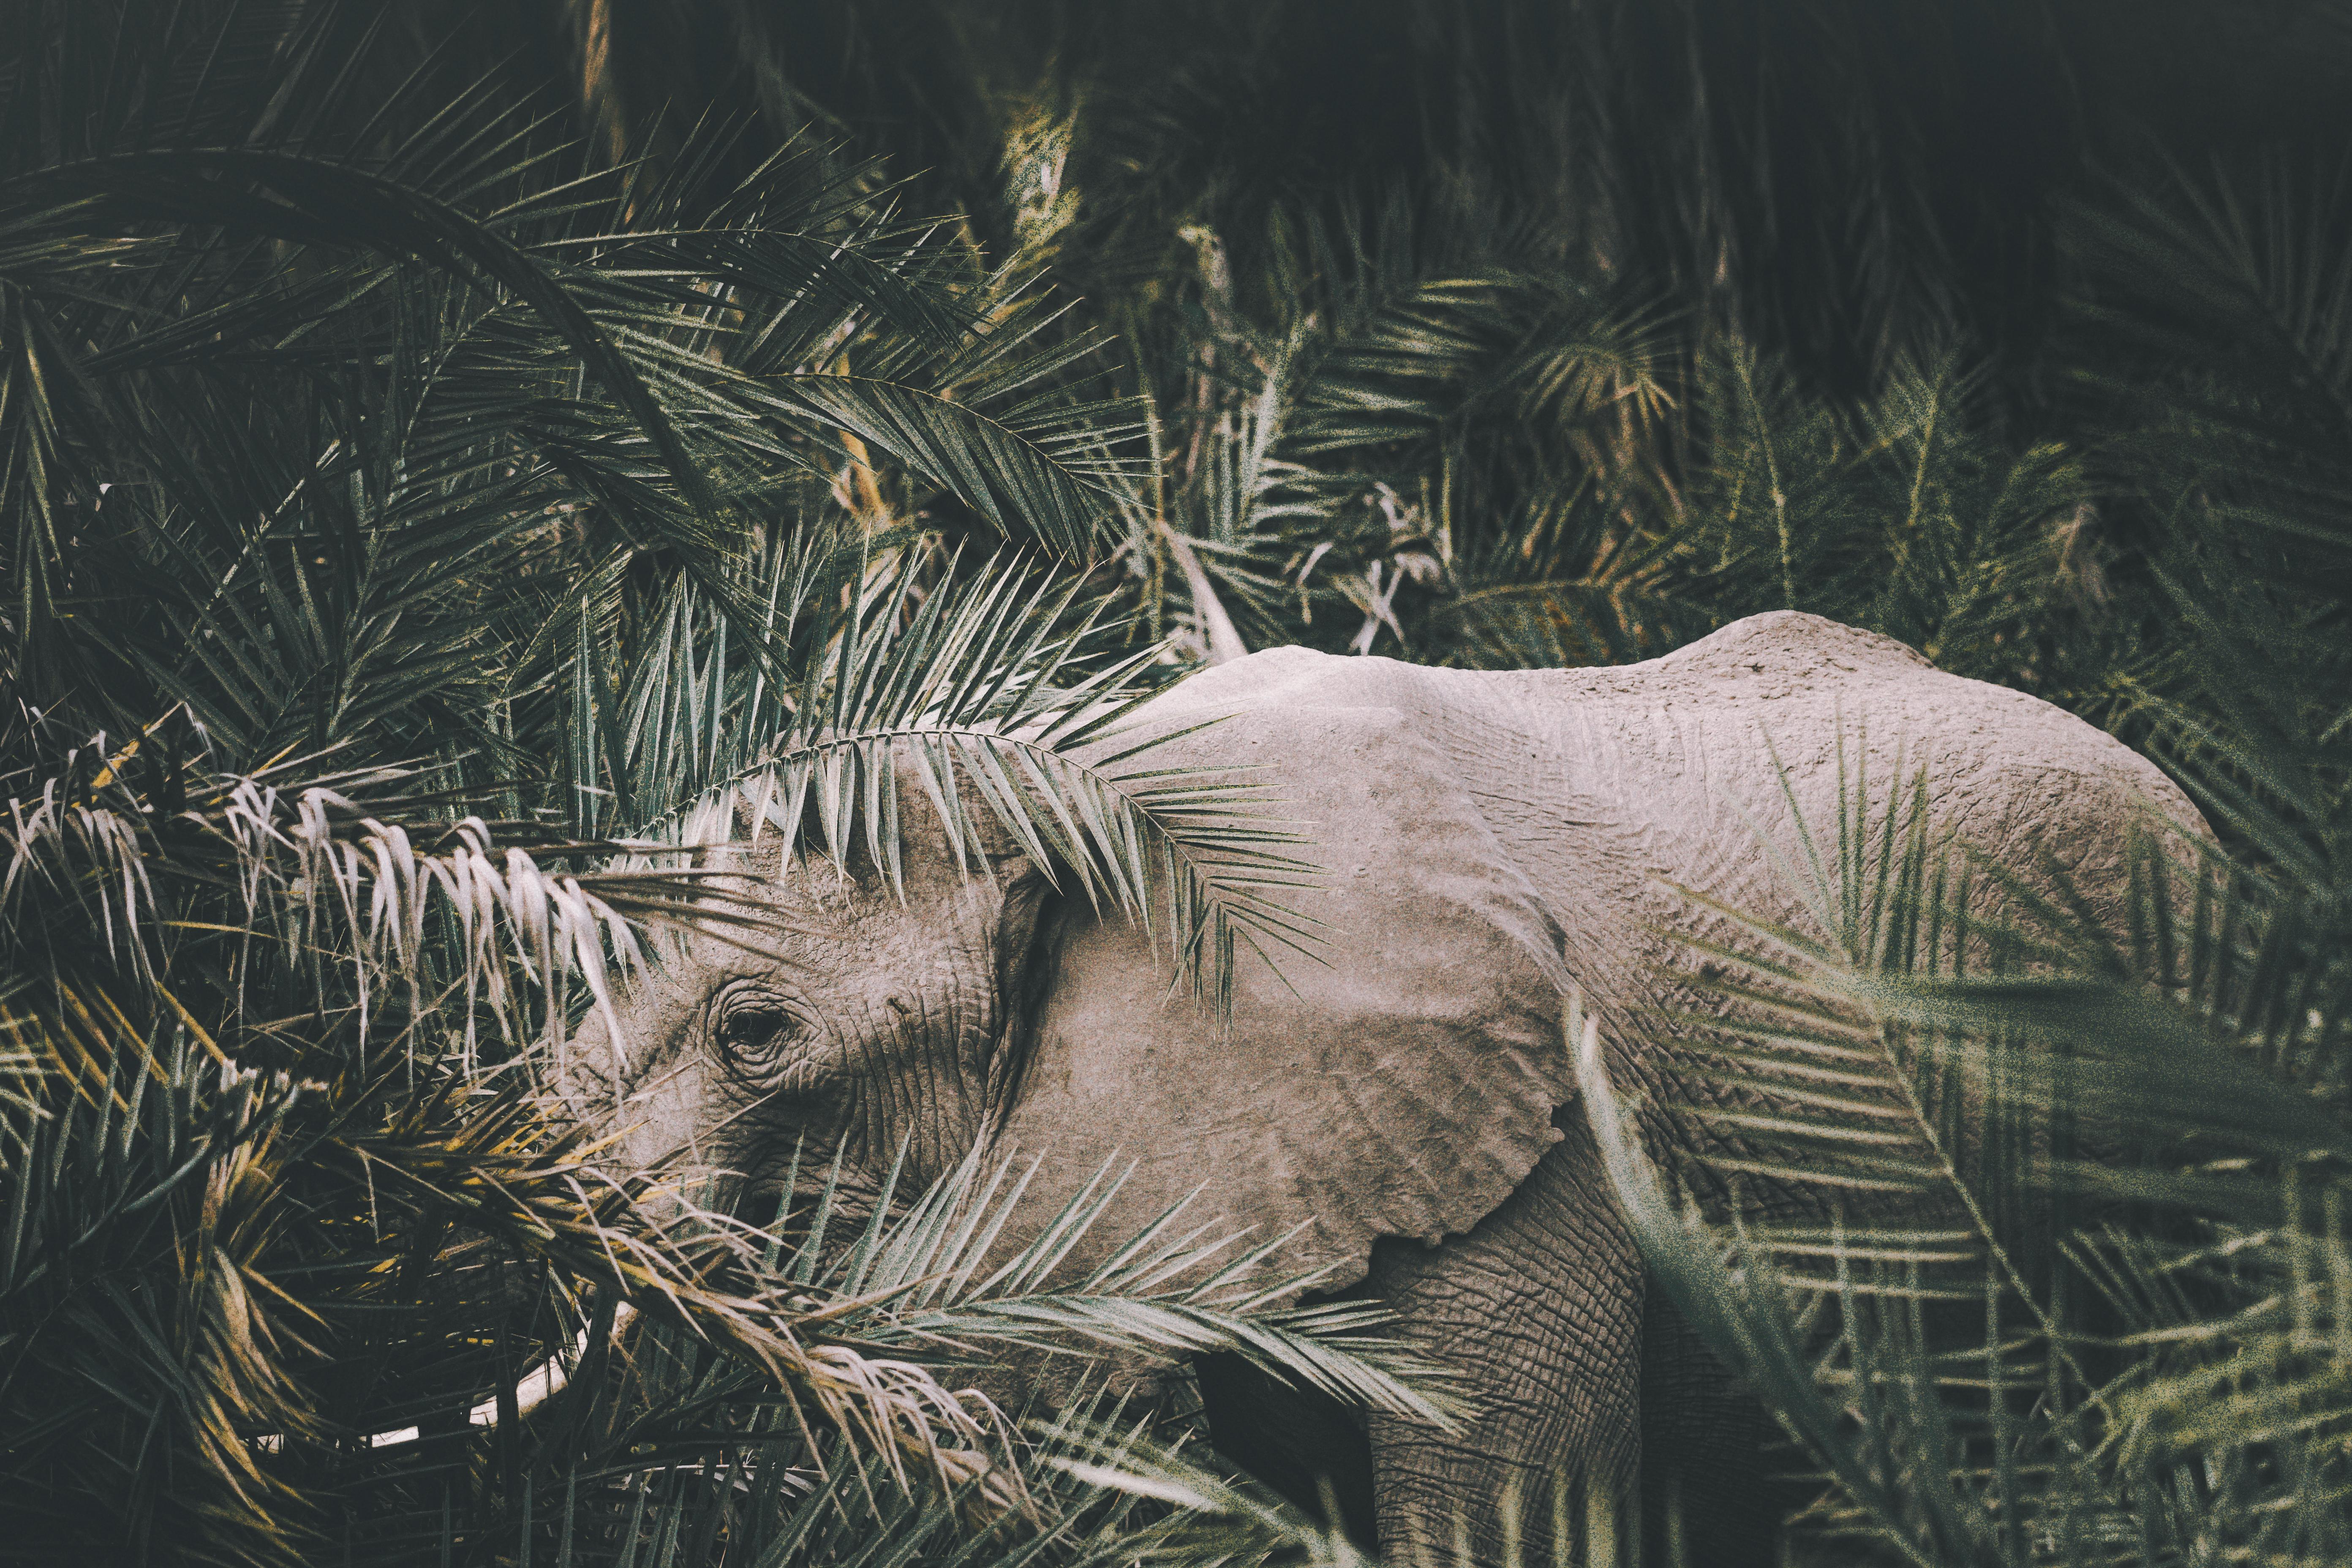 Elephant Amboseli Nationalpark Kenya